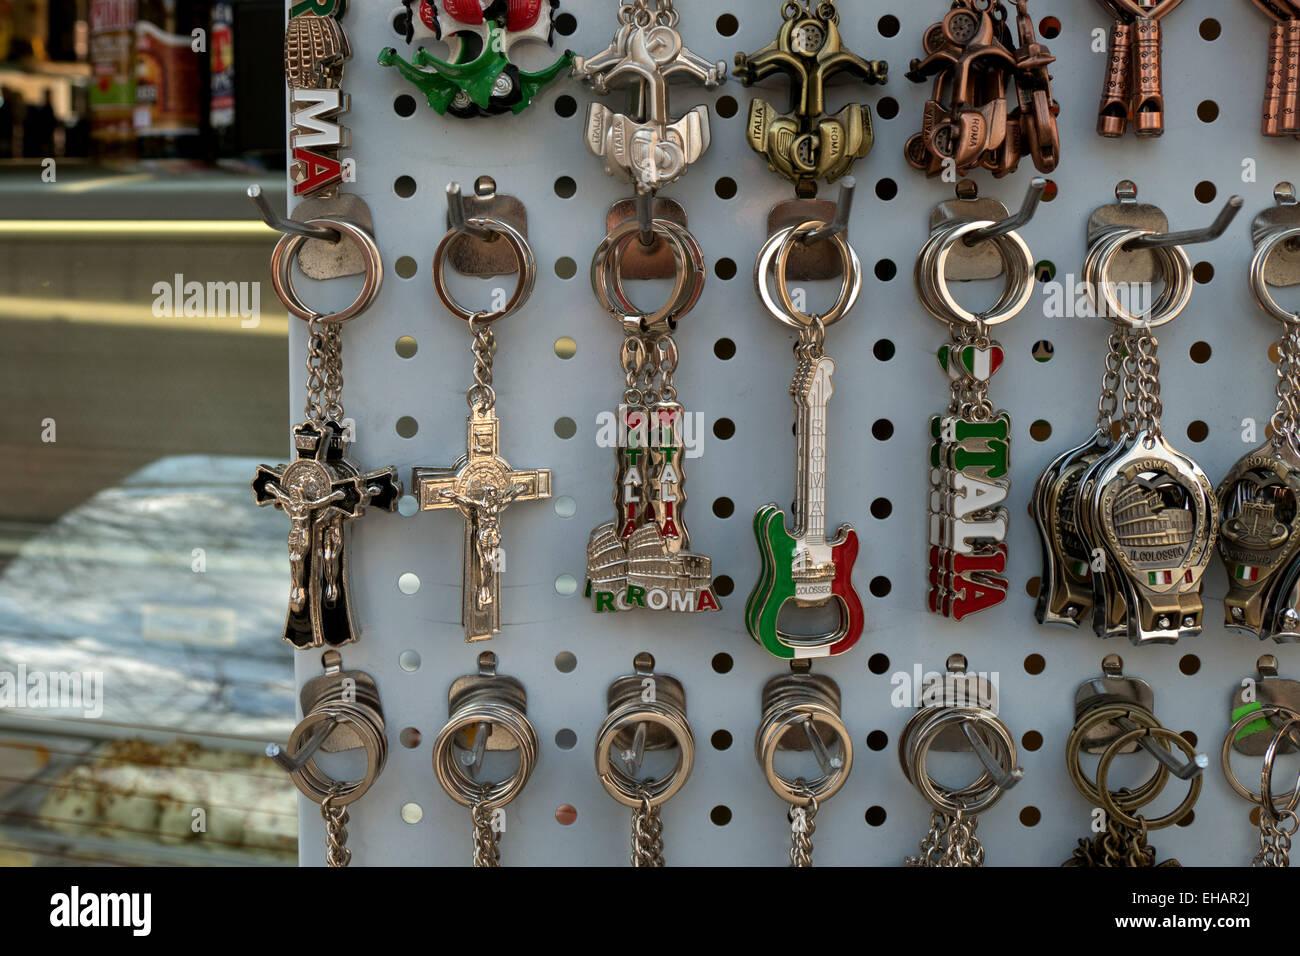 Negozio di souvenir, regali, oggetto, catena di chiavi. Roma, Italia, Italia, città italiana Immagini Stock